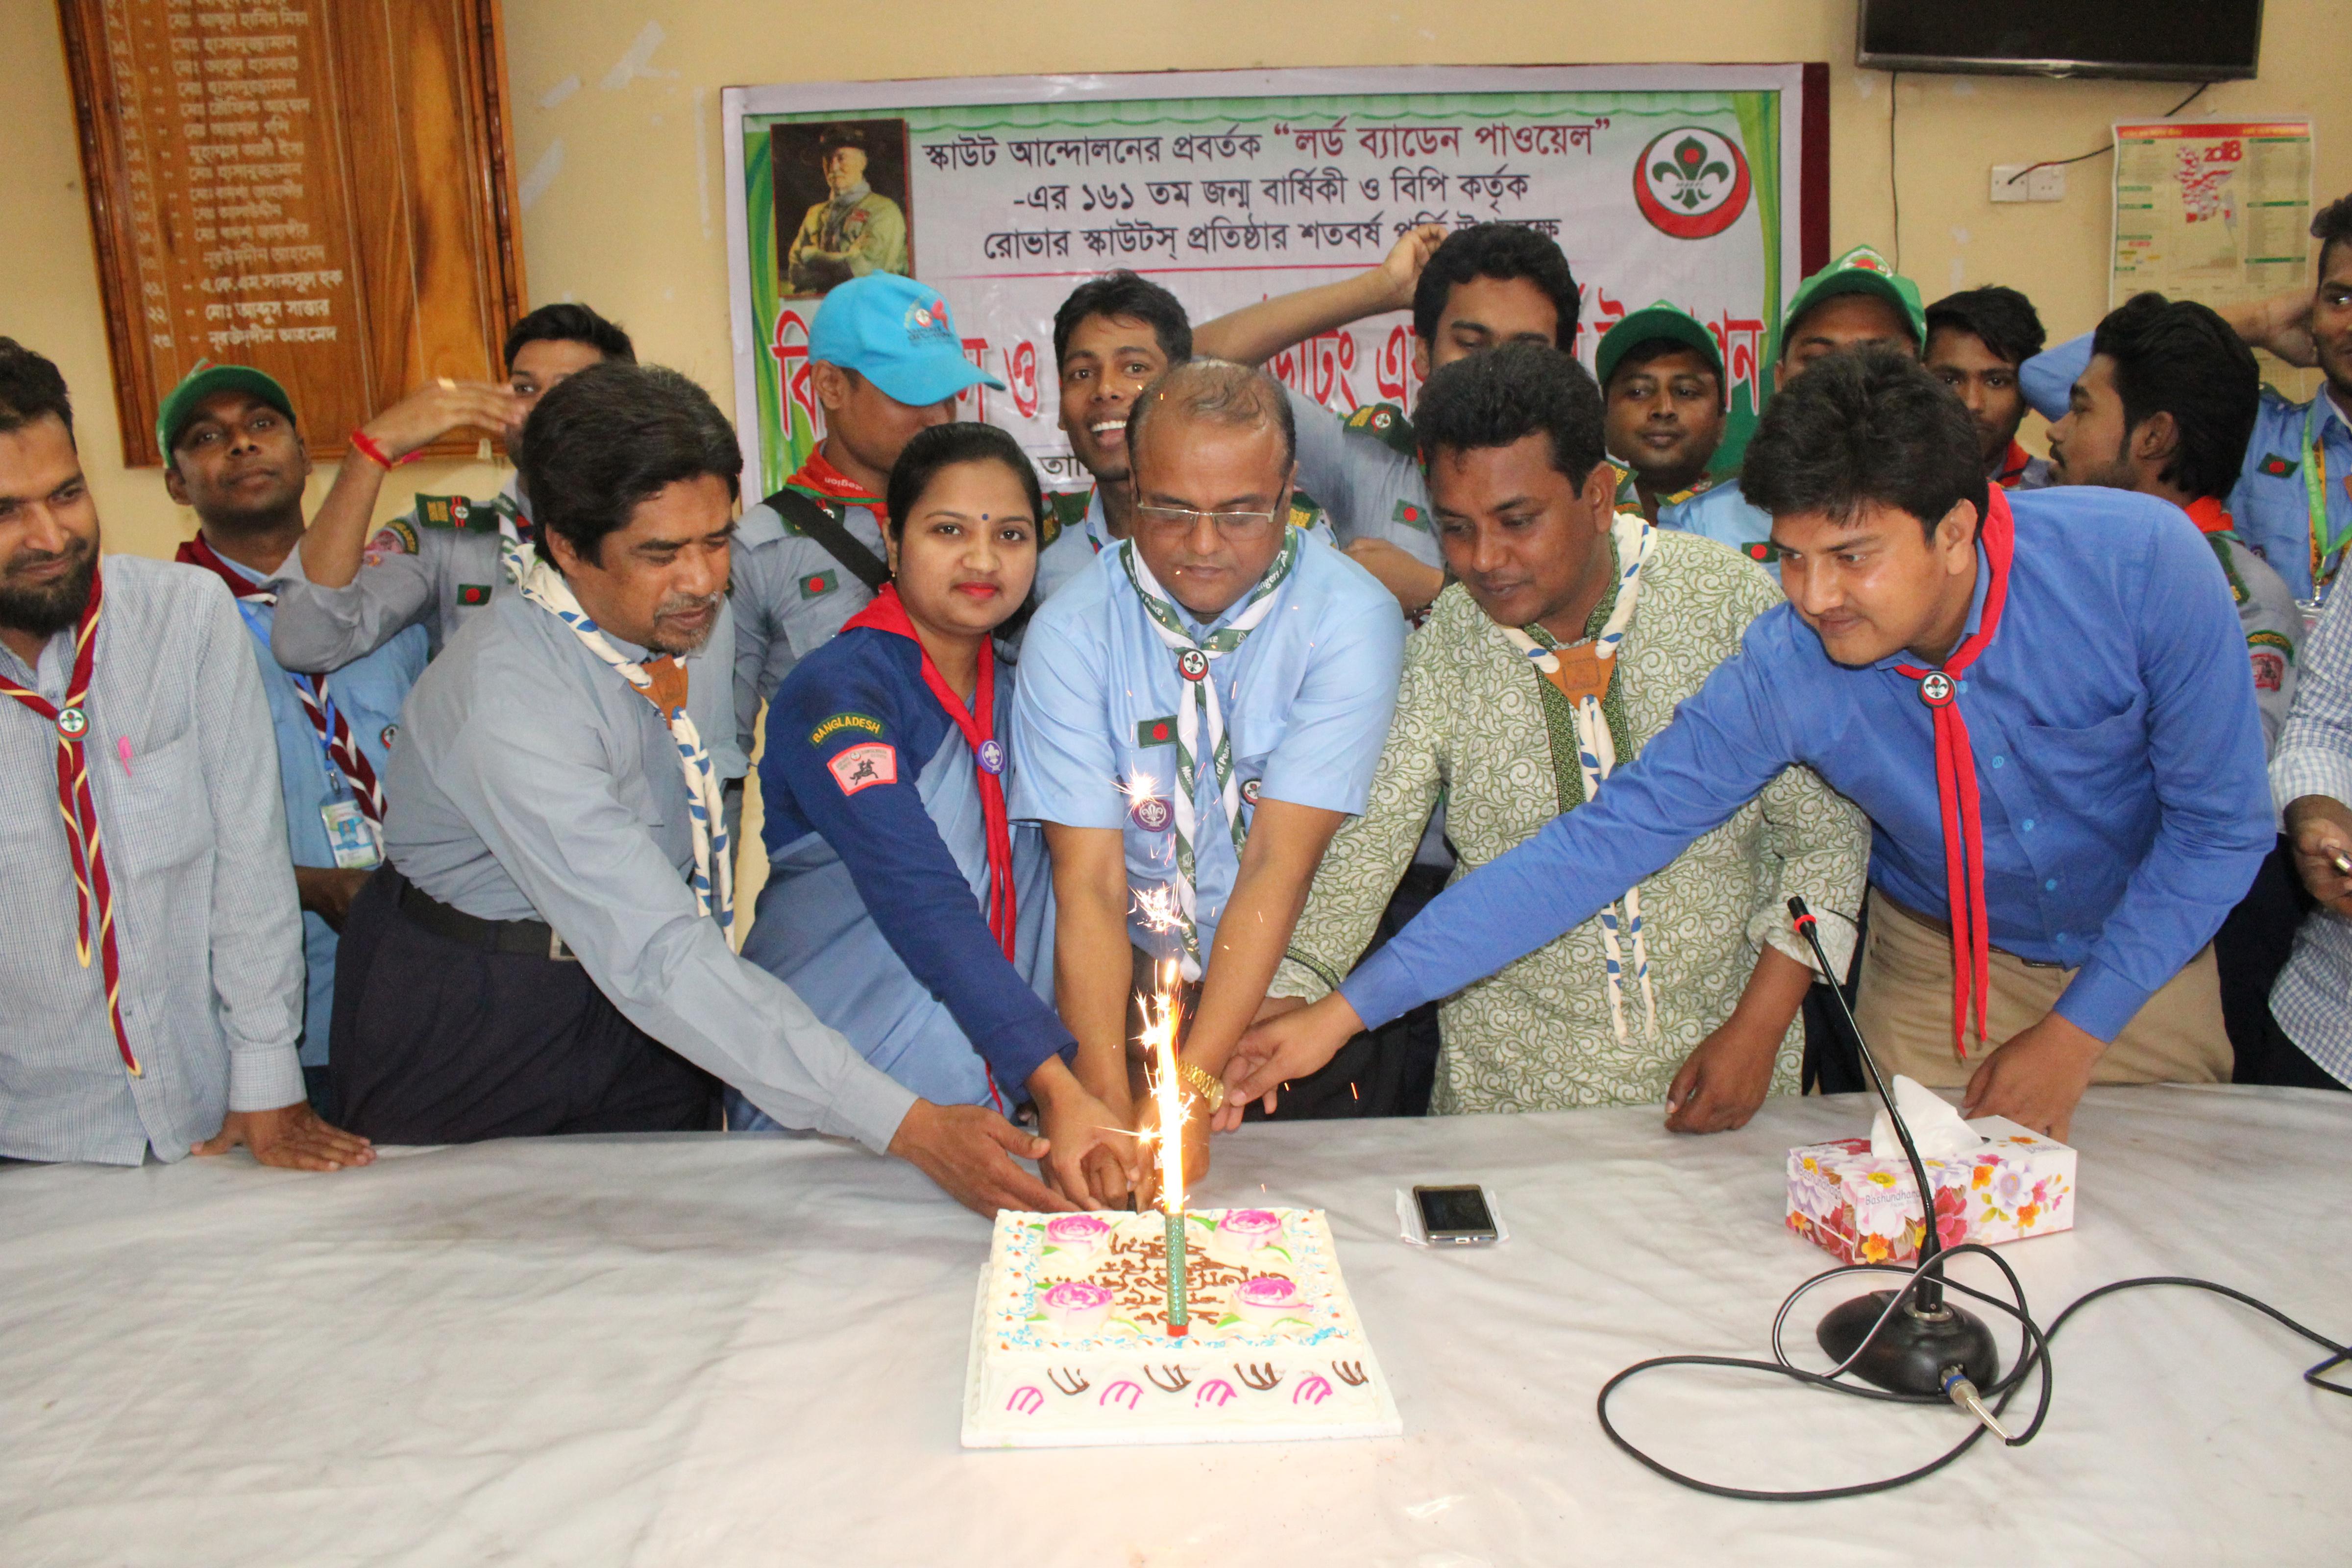 গুরুকুলে রোভার স্কাউটিং এর শতবর্ষ উদযাপন-Celebrating the Century of Rover Scouting in Gurukul